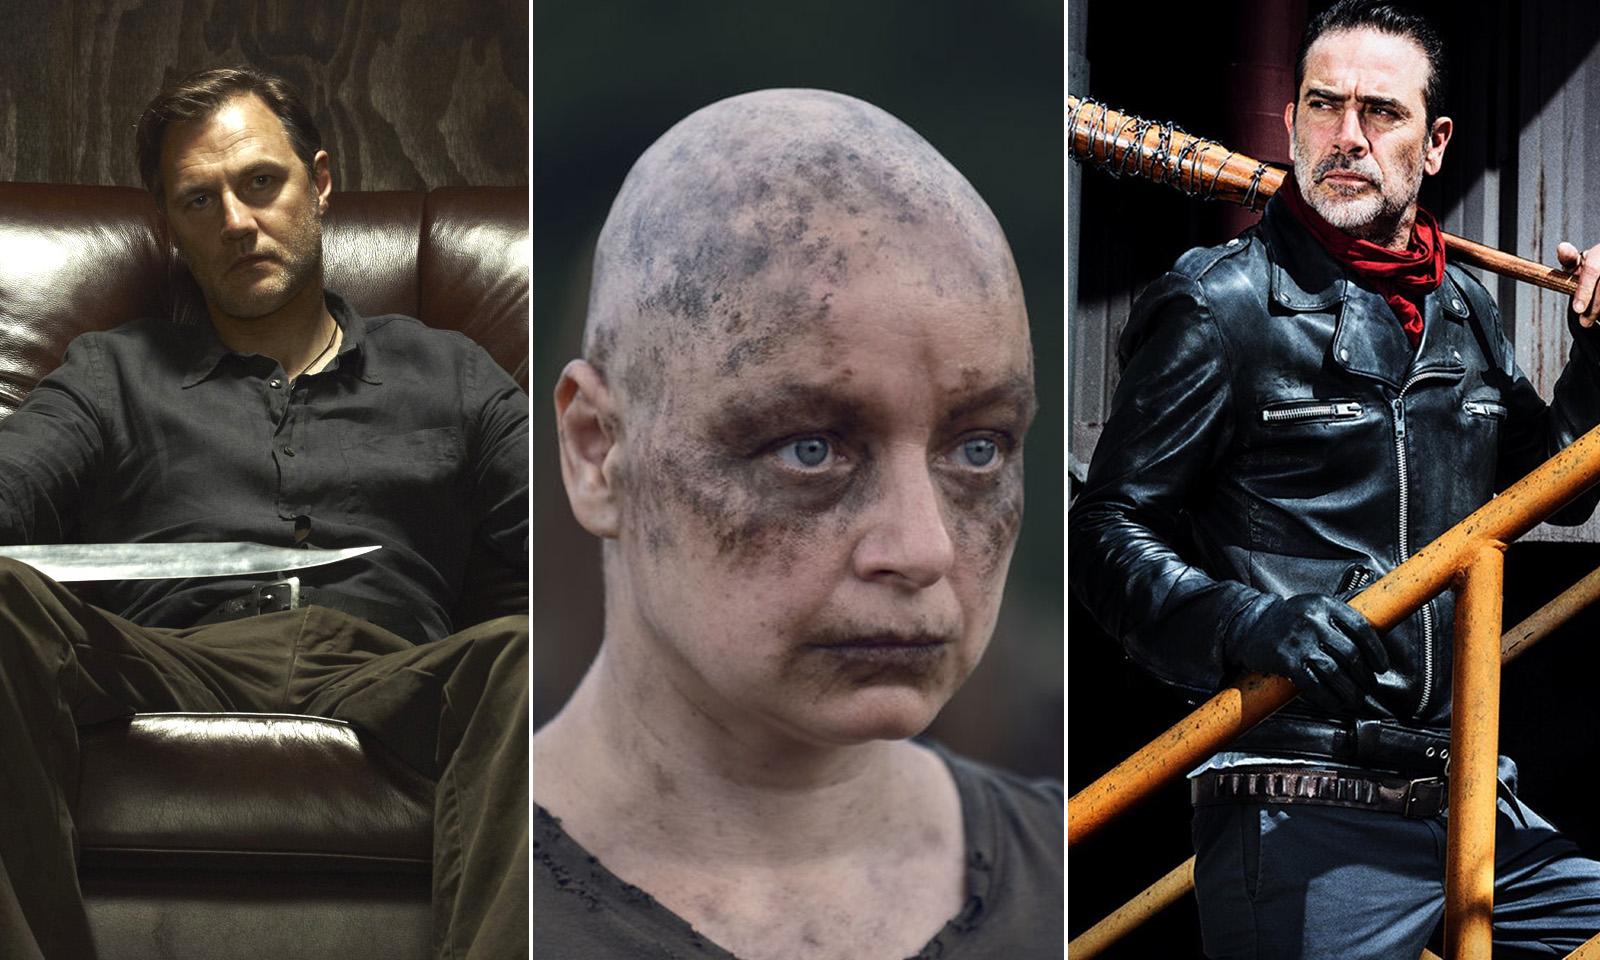 Montagem com os vilões de The Walking Dead - Governador, Alpha e Negan